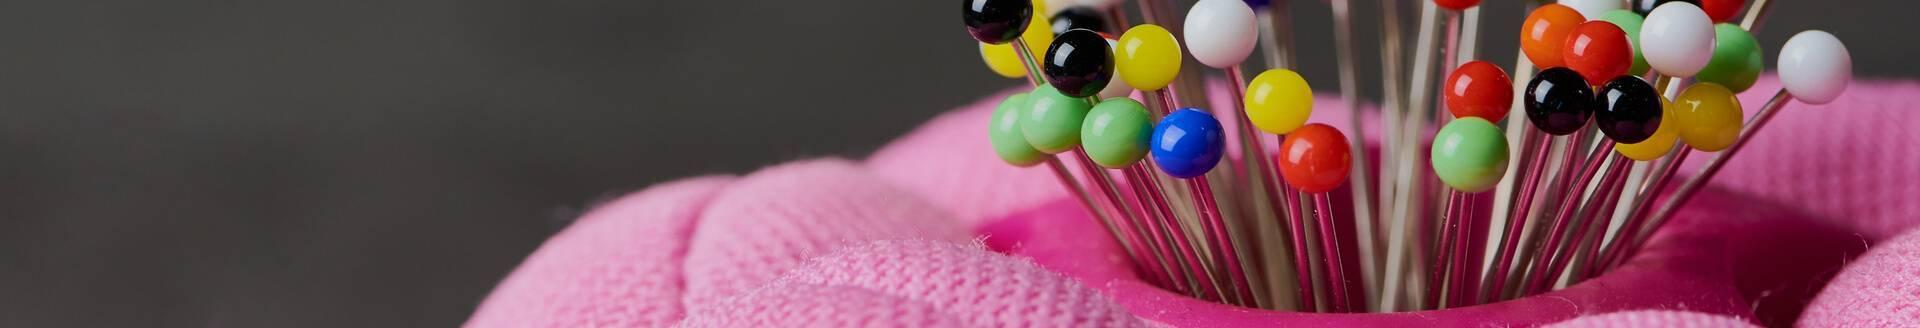 Venta de herramientas de costura para corte, confección y bordado